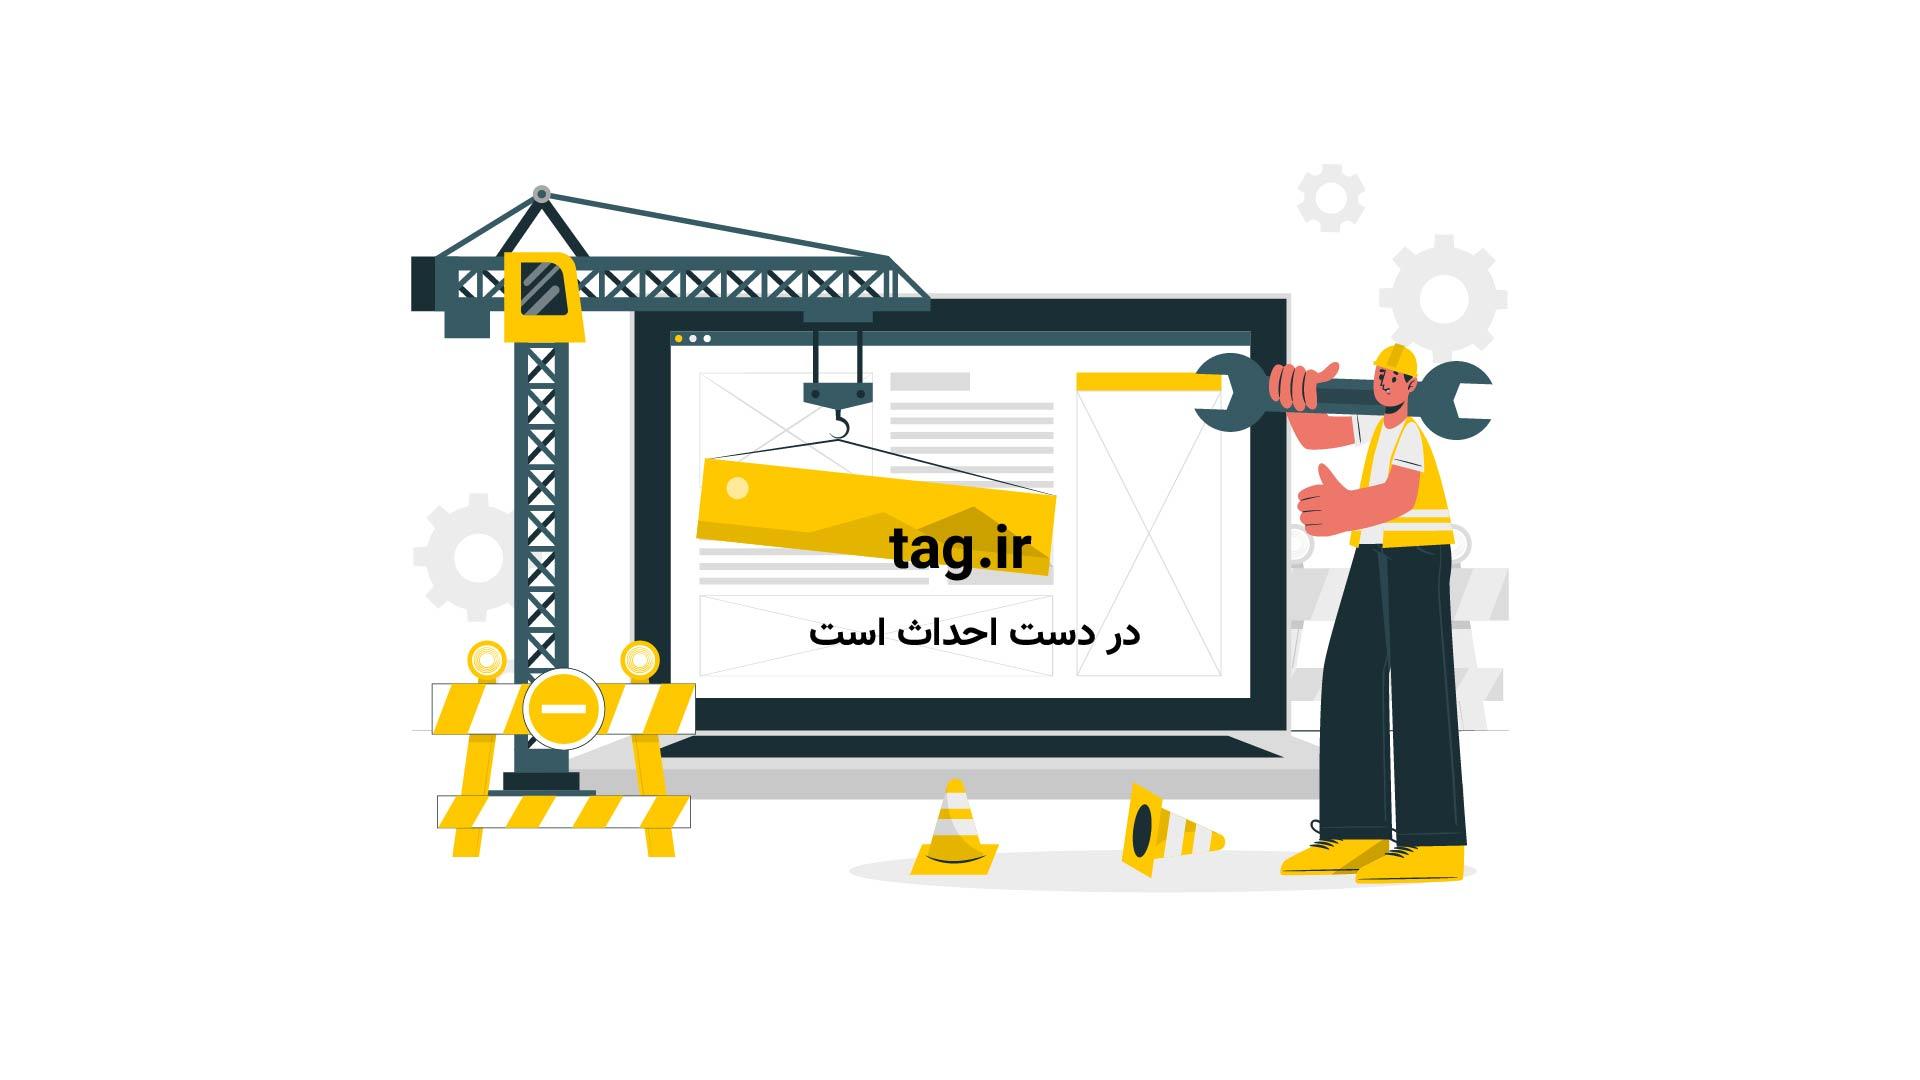 رفسنجانی امام خمینی | تگ